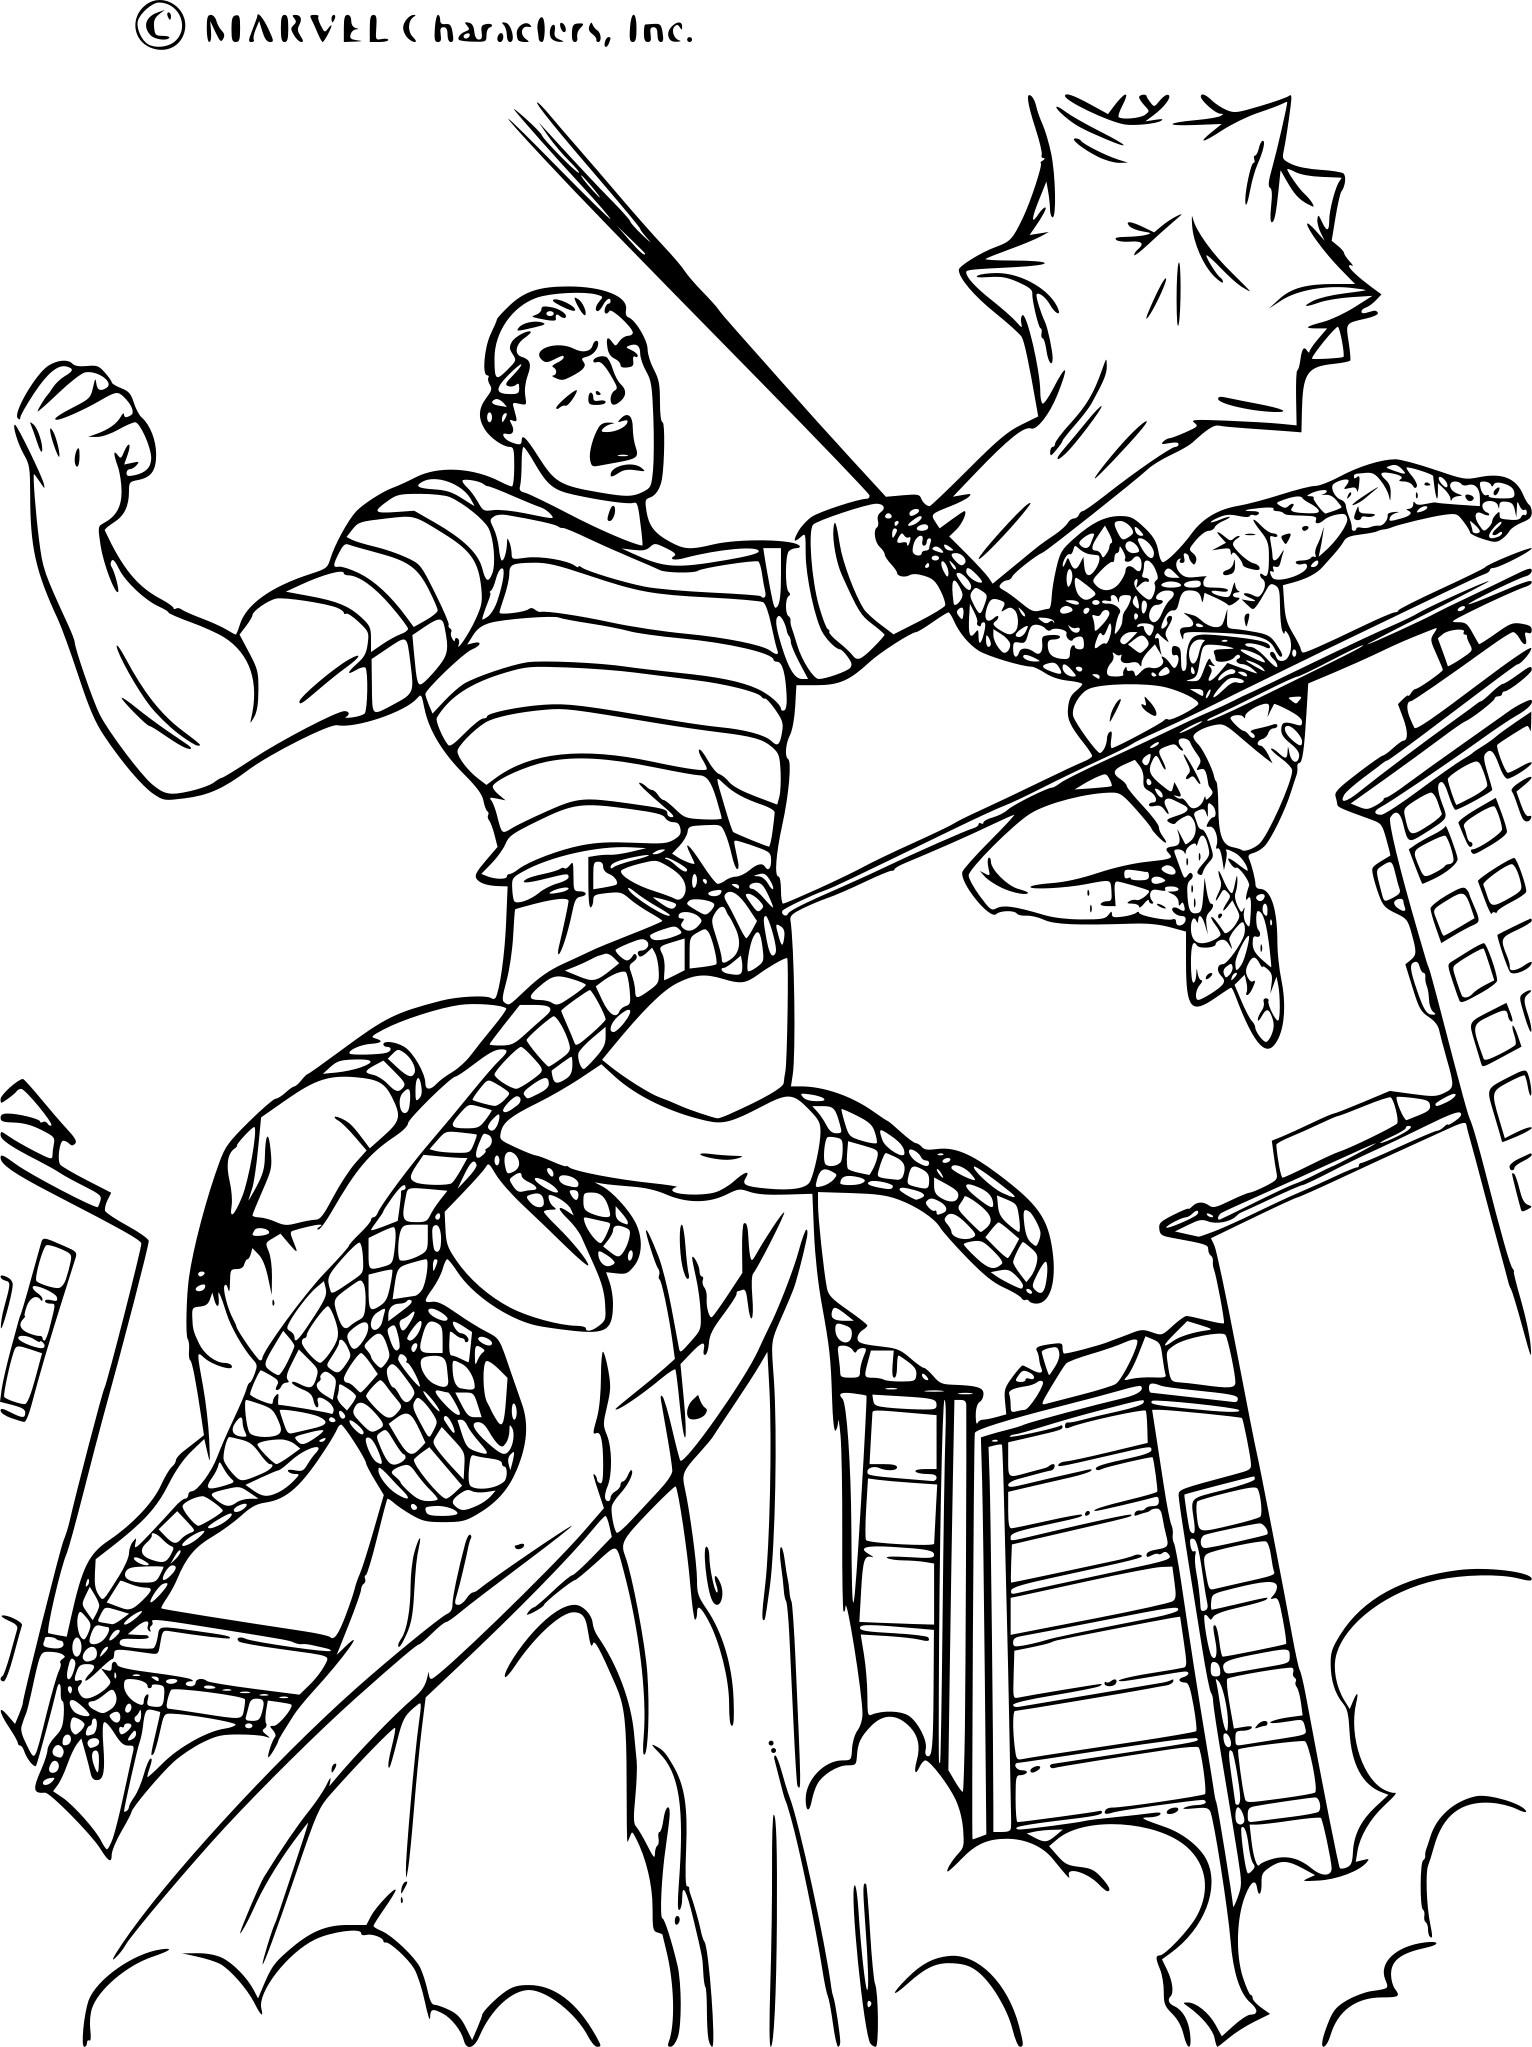 Coloriage Spiderman bagarre à imprimer sur COLORIAGES .info